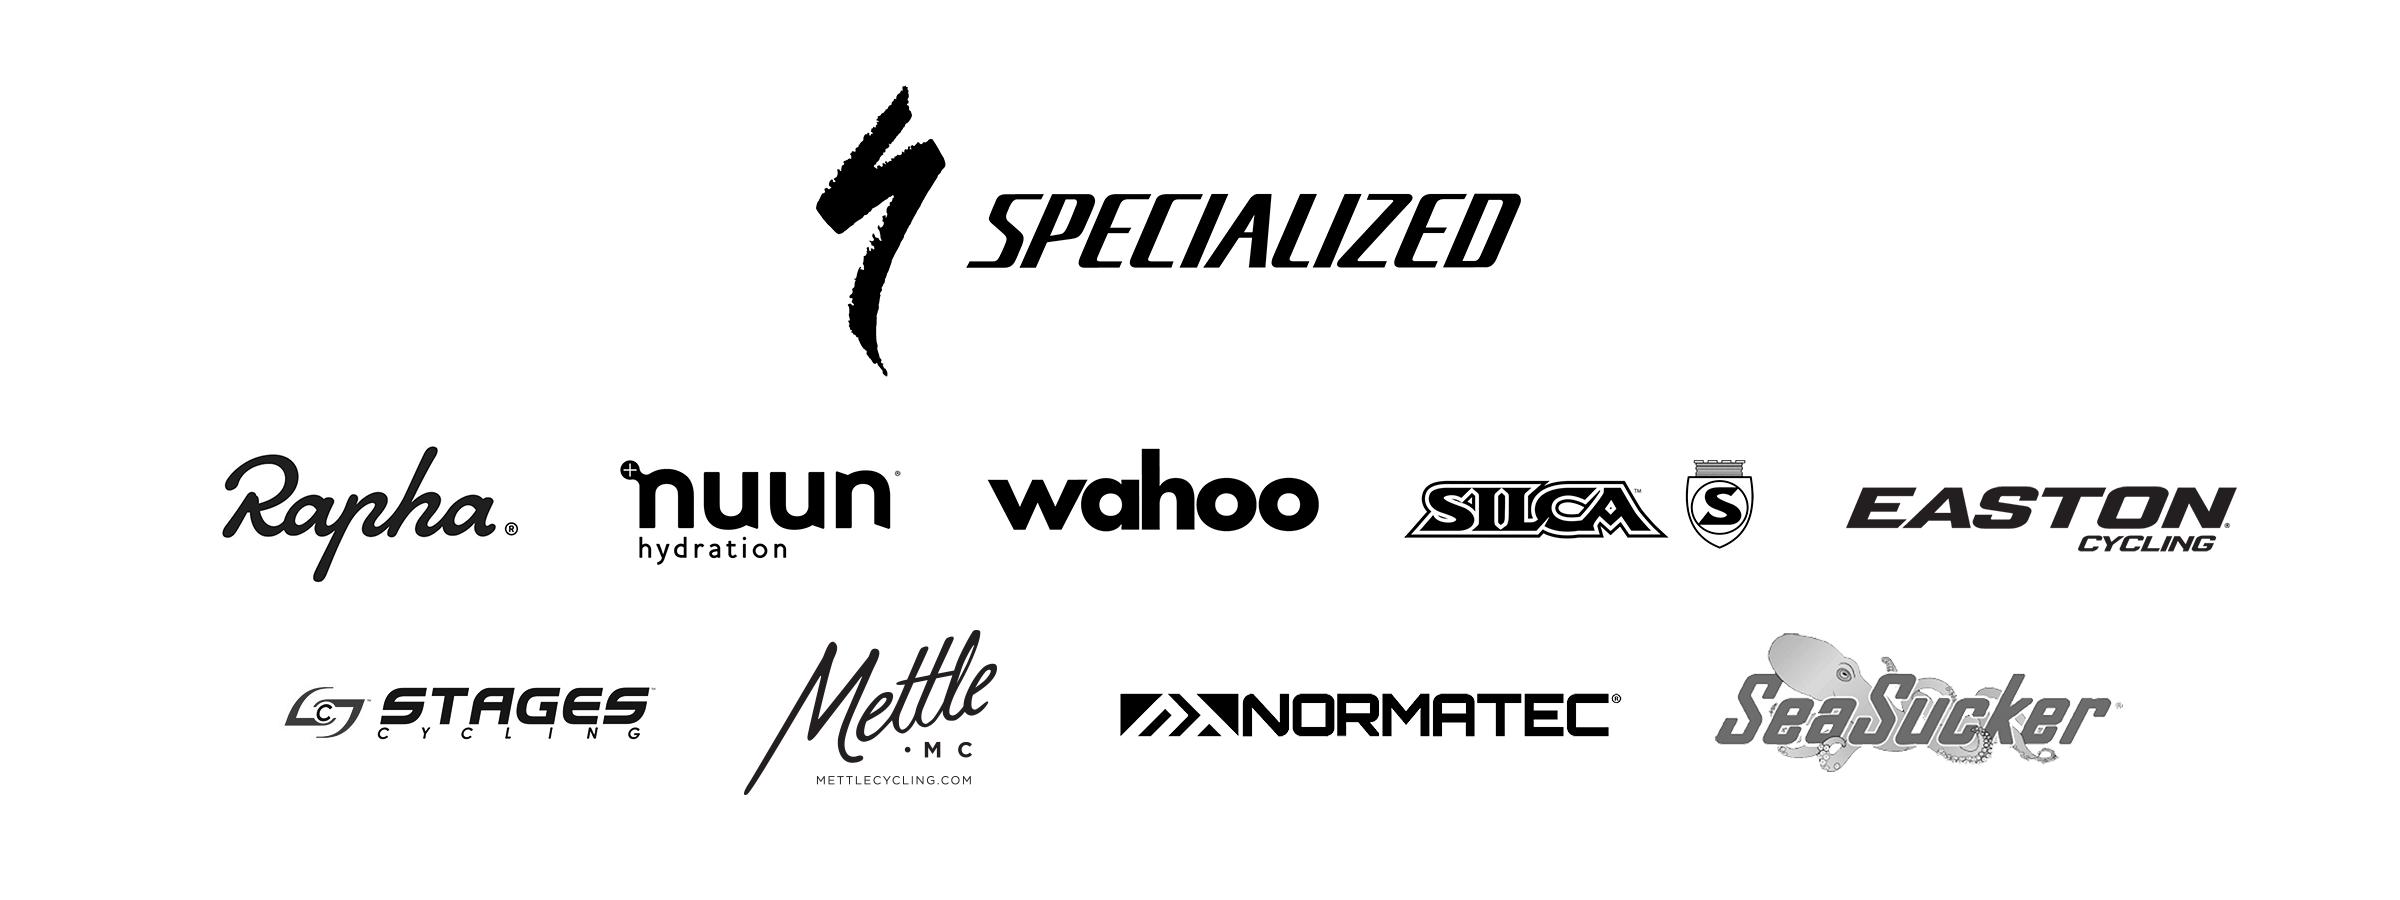 LIOTR_stampede-sponsors@0,5x.png